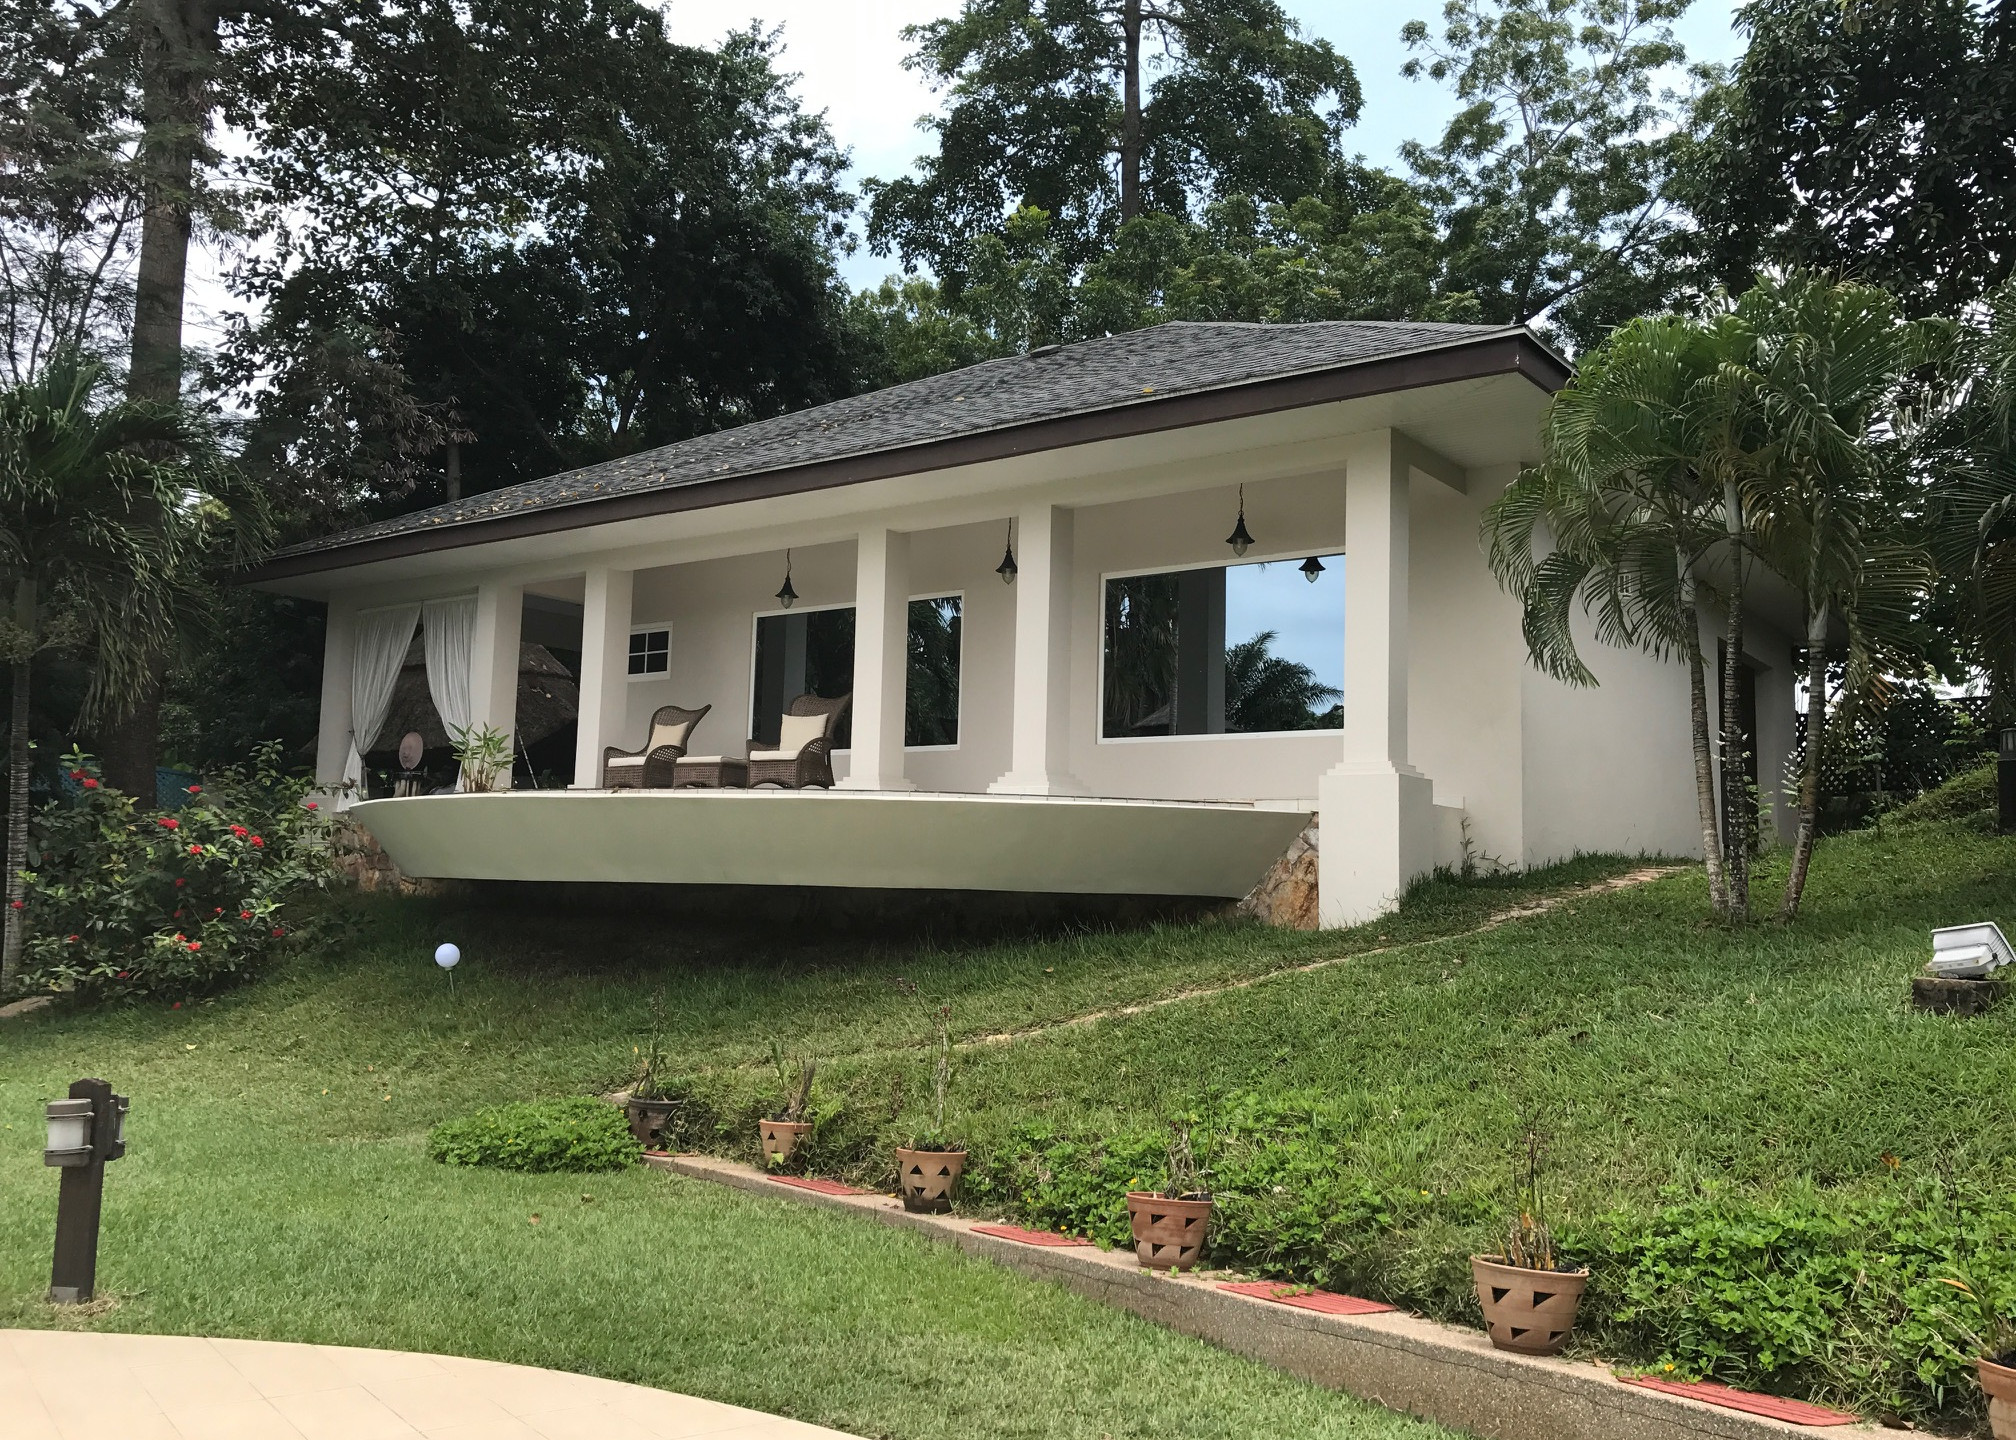 Poutre béton pour toit Concrete beam for house roof